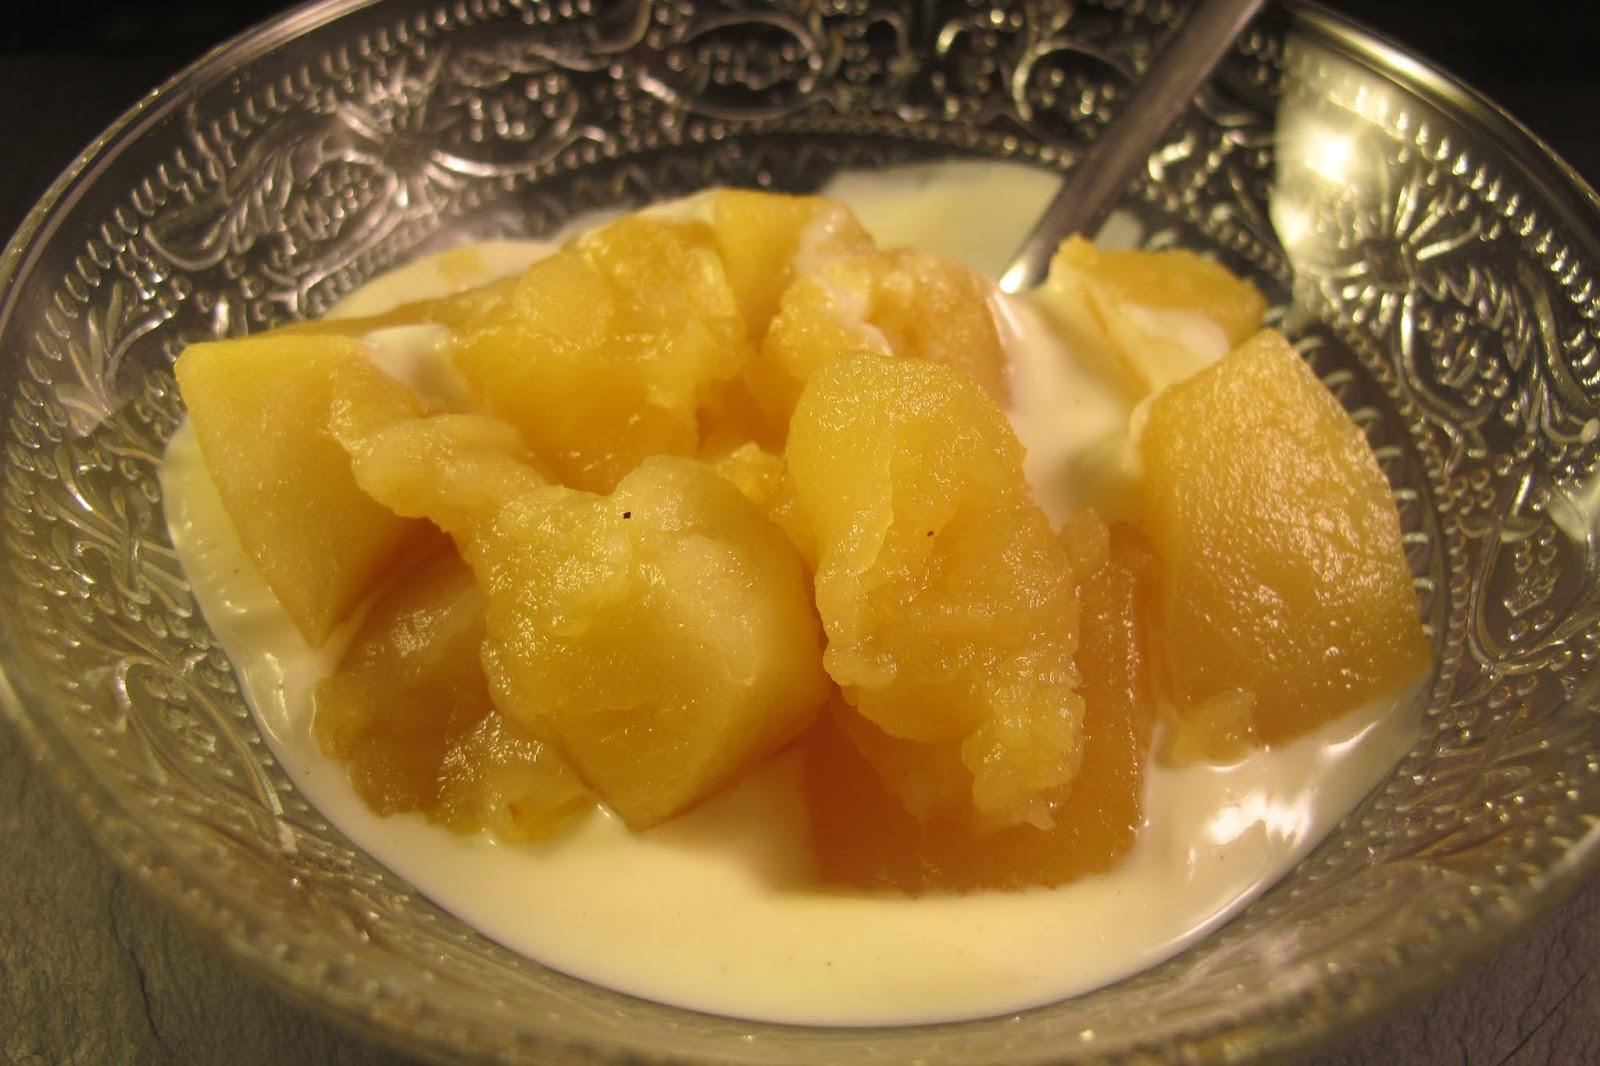 Le blog de cuisine en bouche compote de pommes maison - Compote de poire maison ...